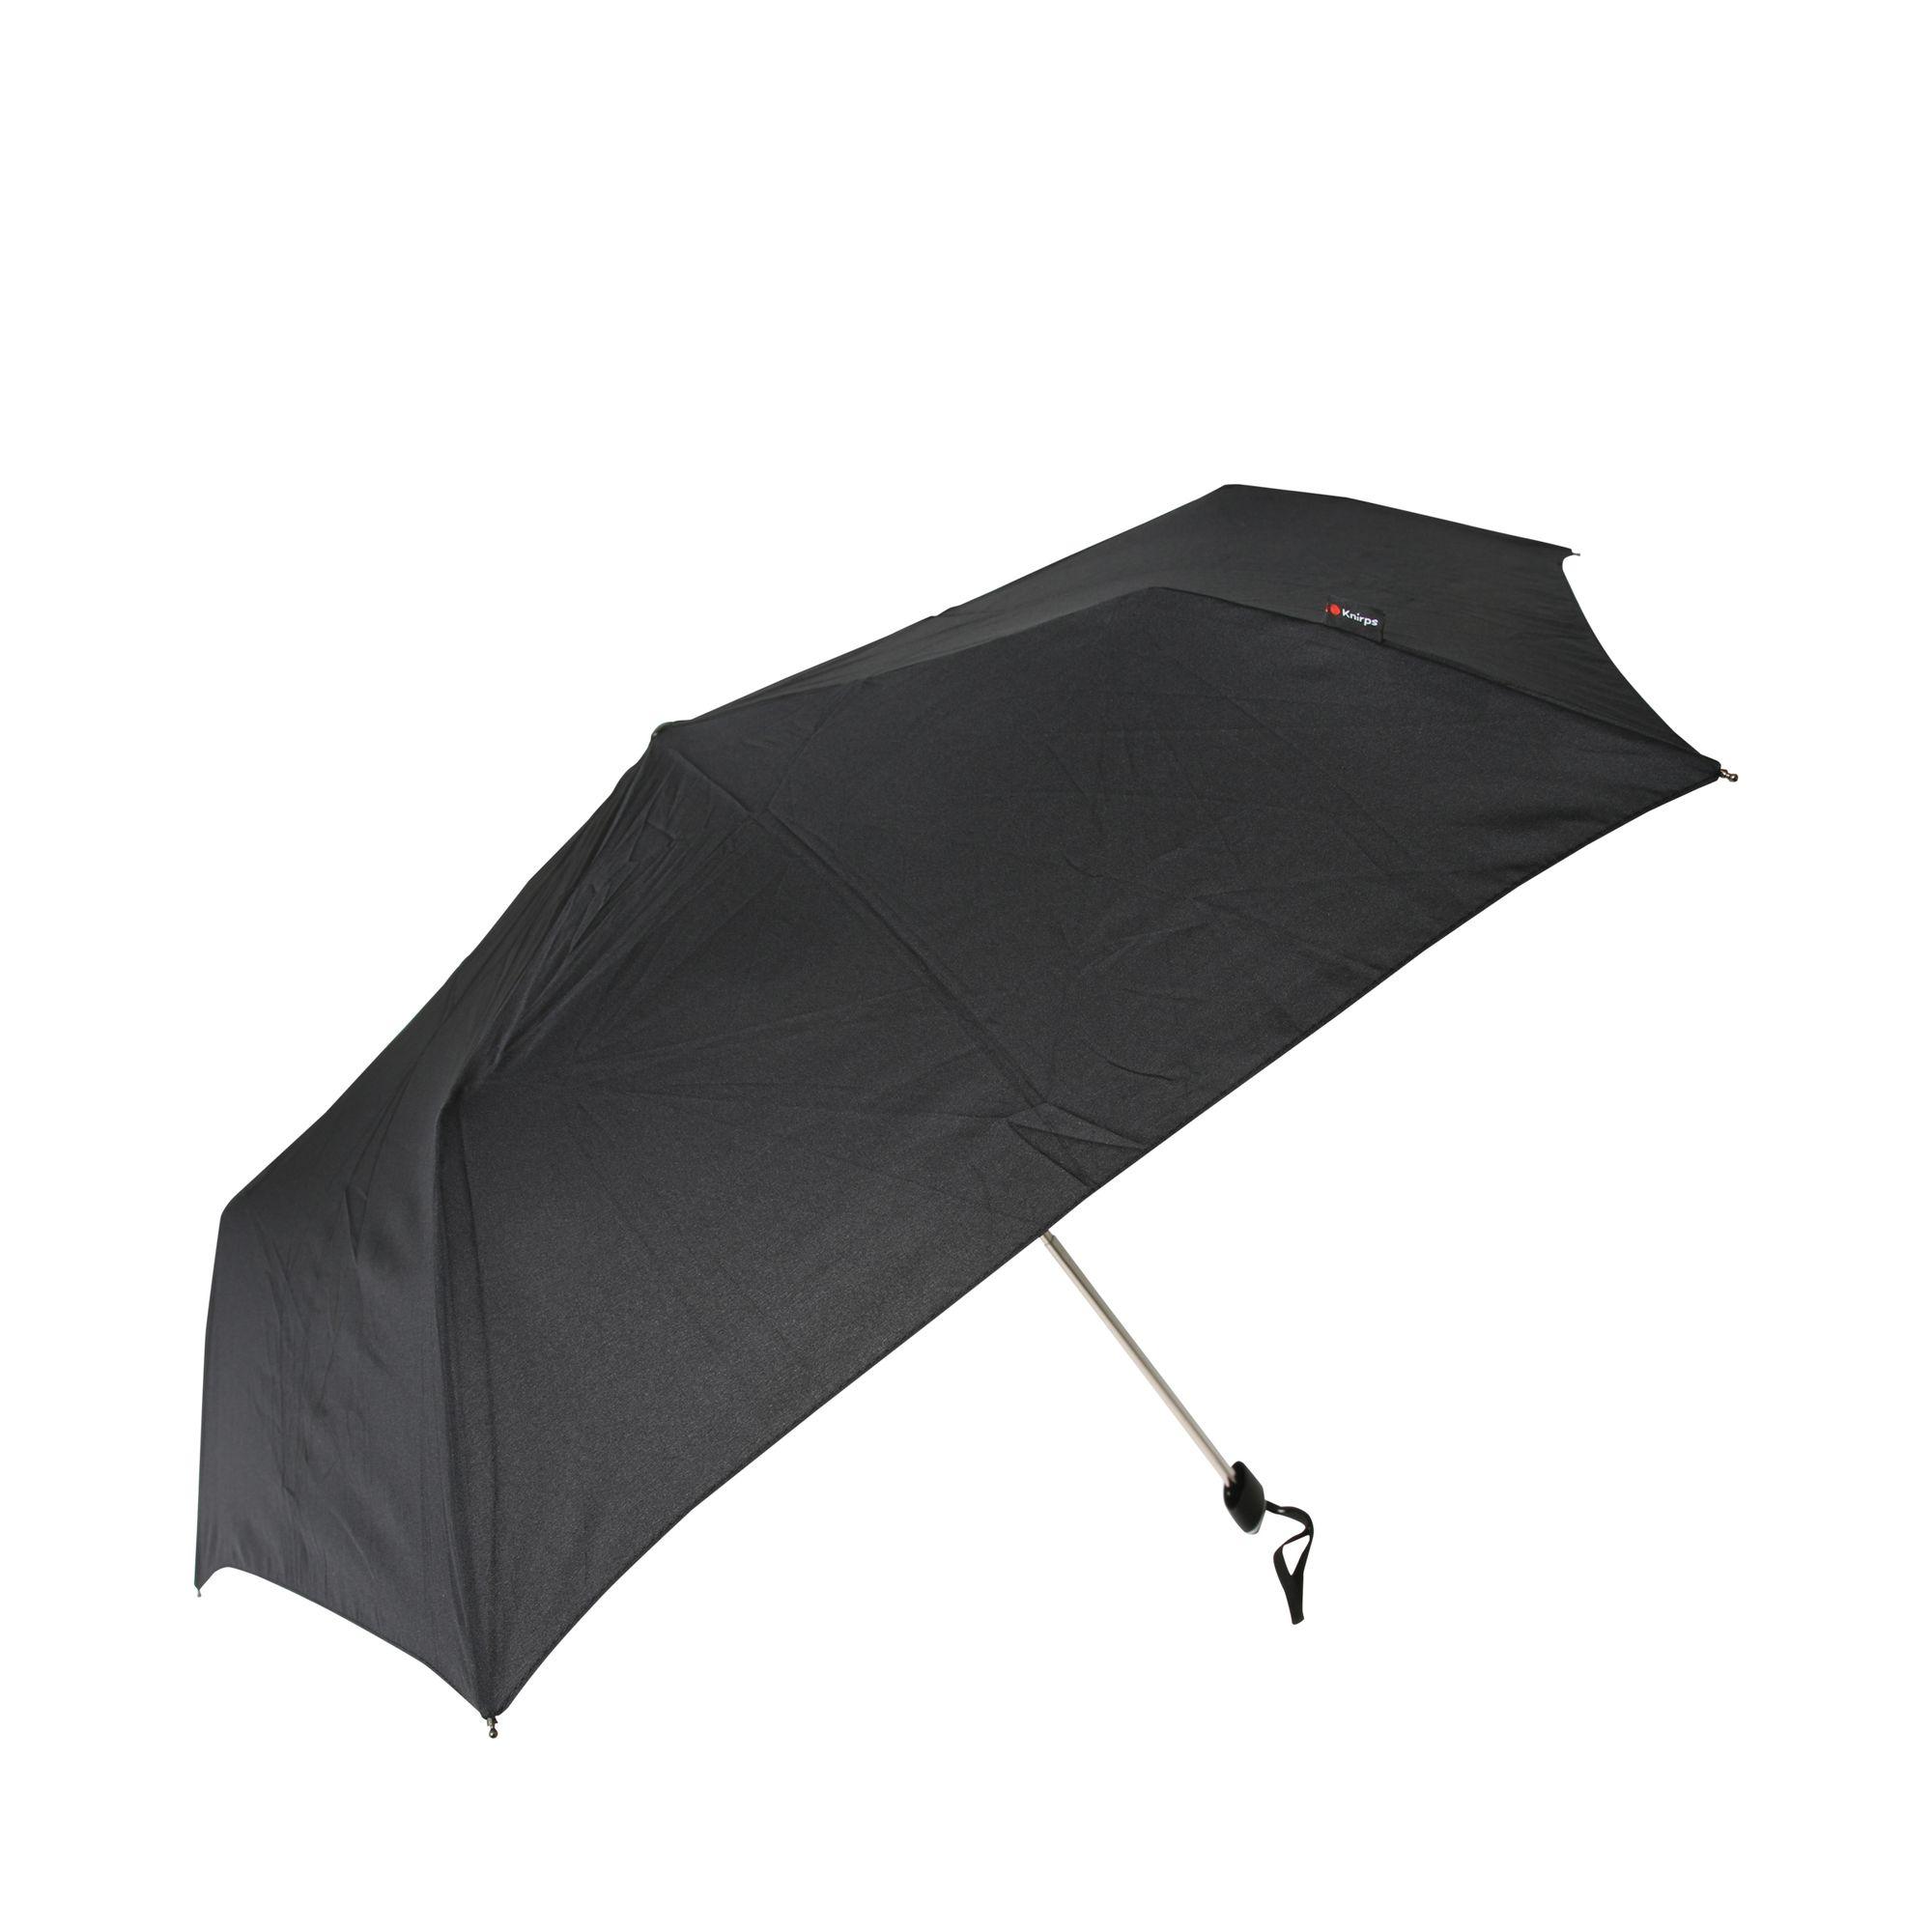 Knirps Blade paraply, Svart